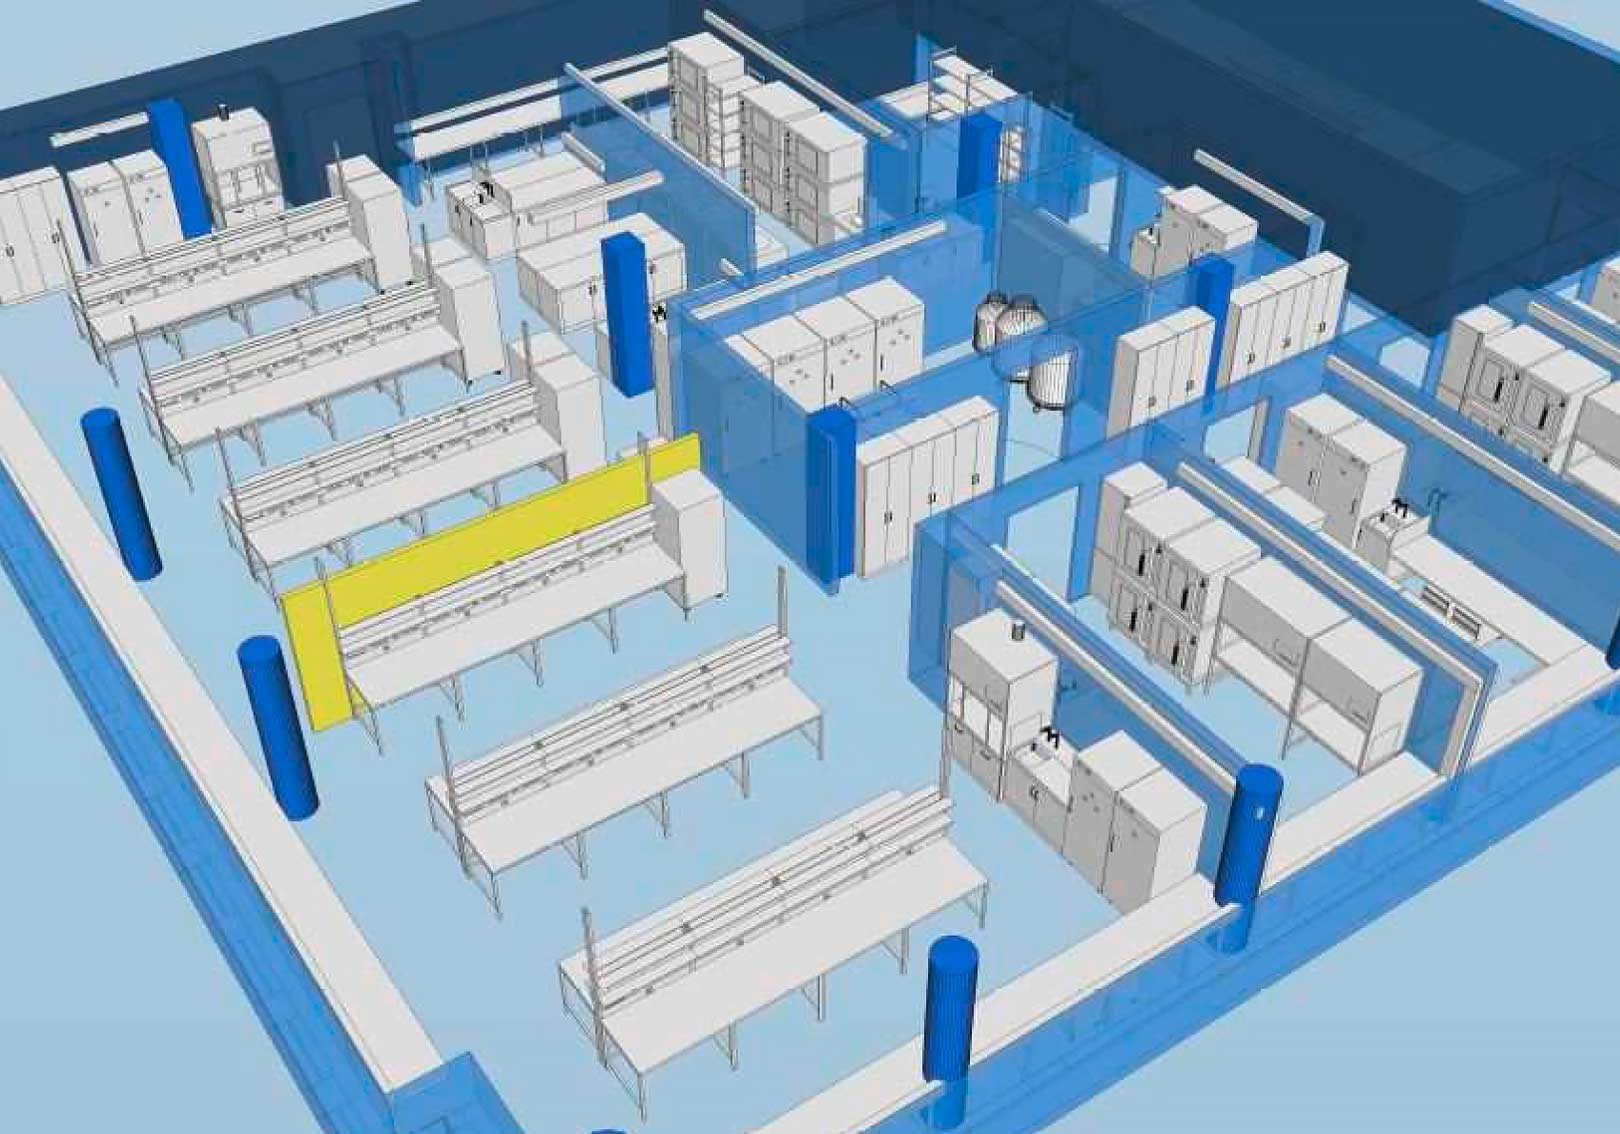 Laboratory design with BIM